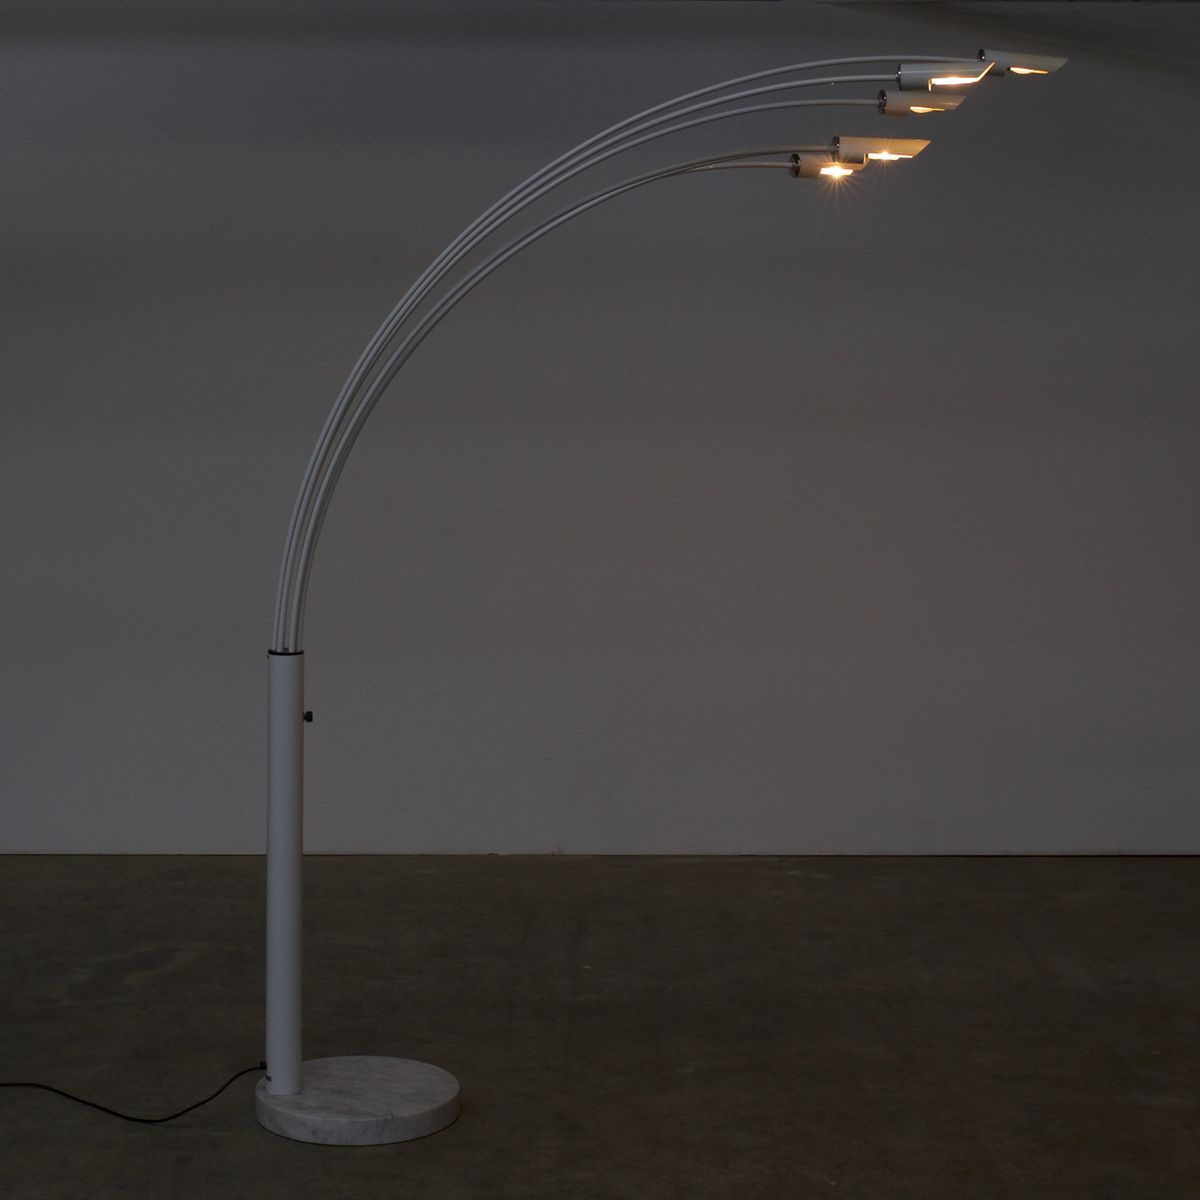 Geräumig Stehlampe Bogen Das Beste Von Italienische Bogen-stehlampe Aus Metall, Chrom & Marmor,